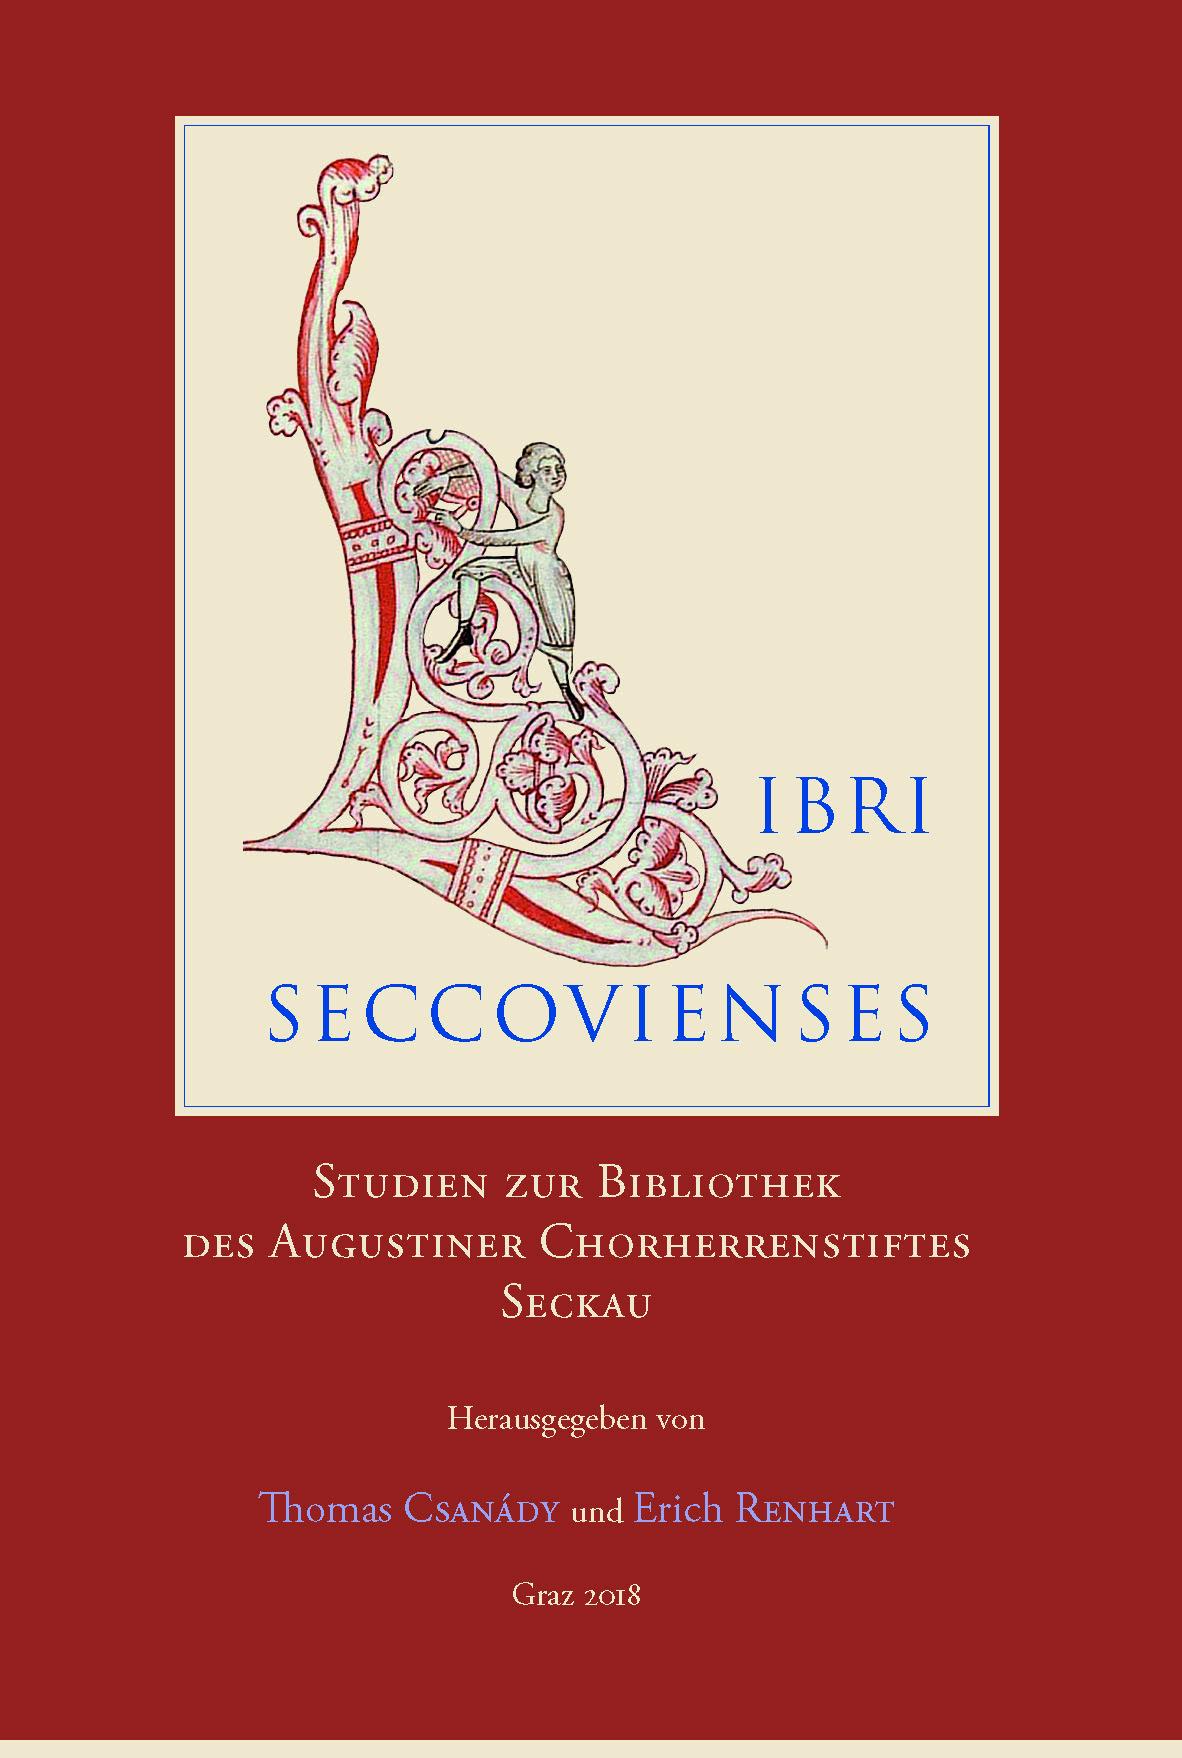 Libri Seccovienses